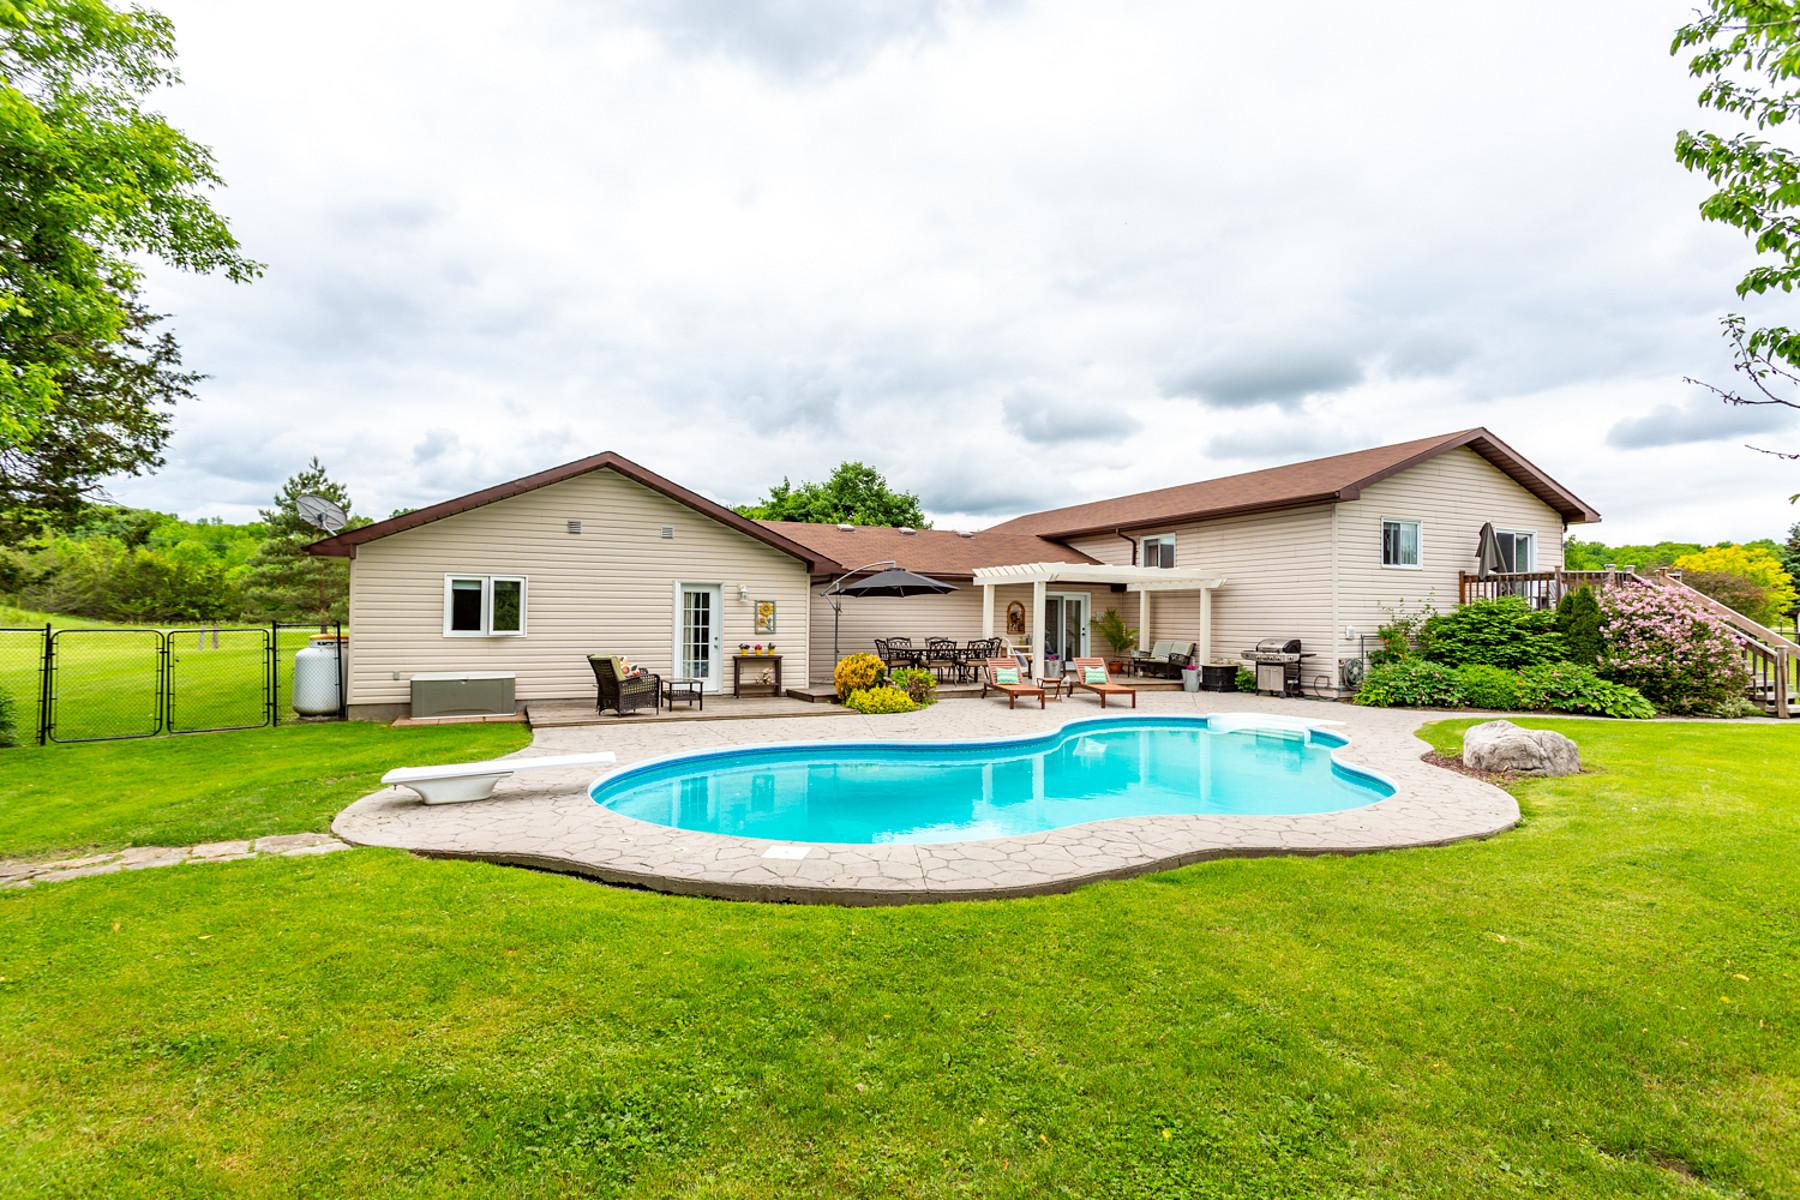 独户住宅 为 销售 在 Beautifully Renovated 445 County Road 8 Rd 诺森伯兰郡, 安大略省 K0L1L0 加拿大